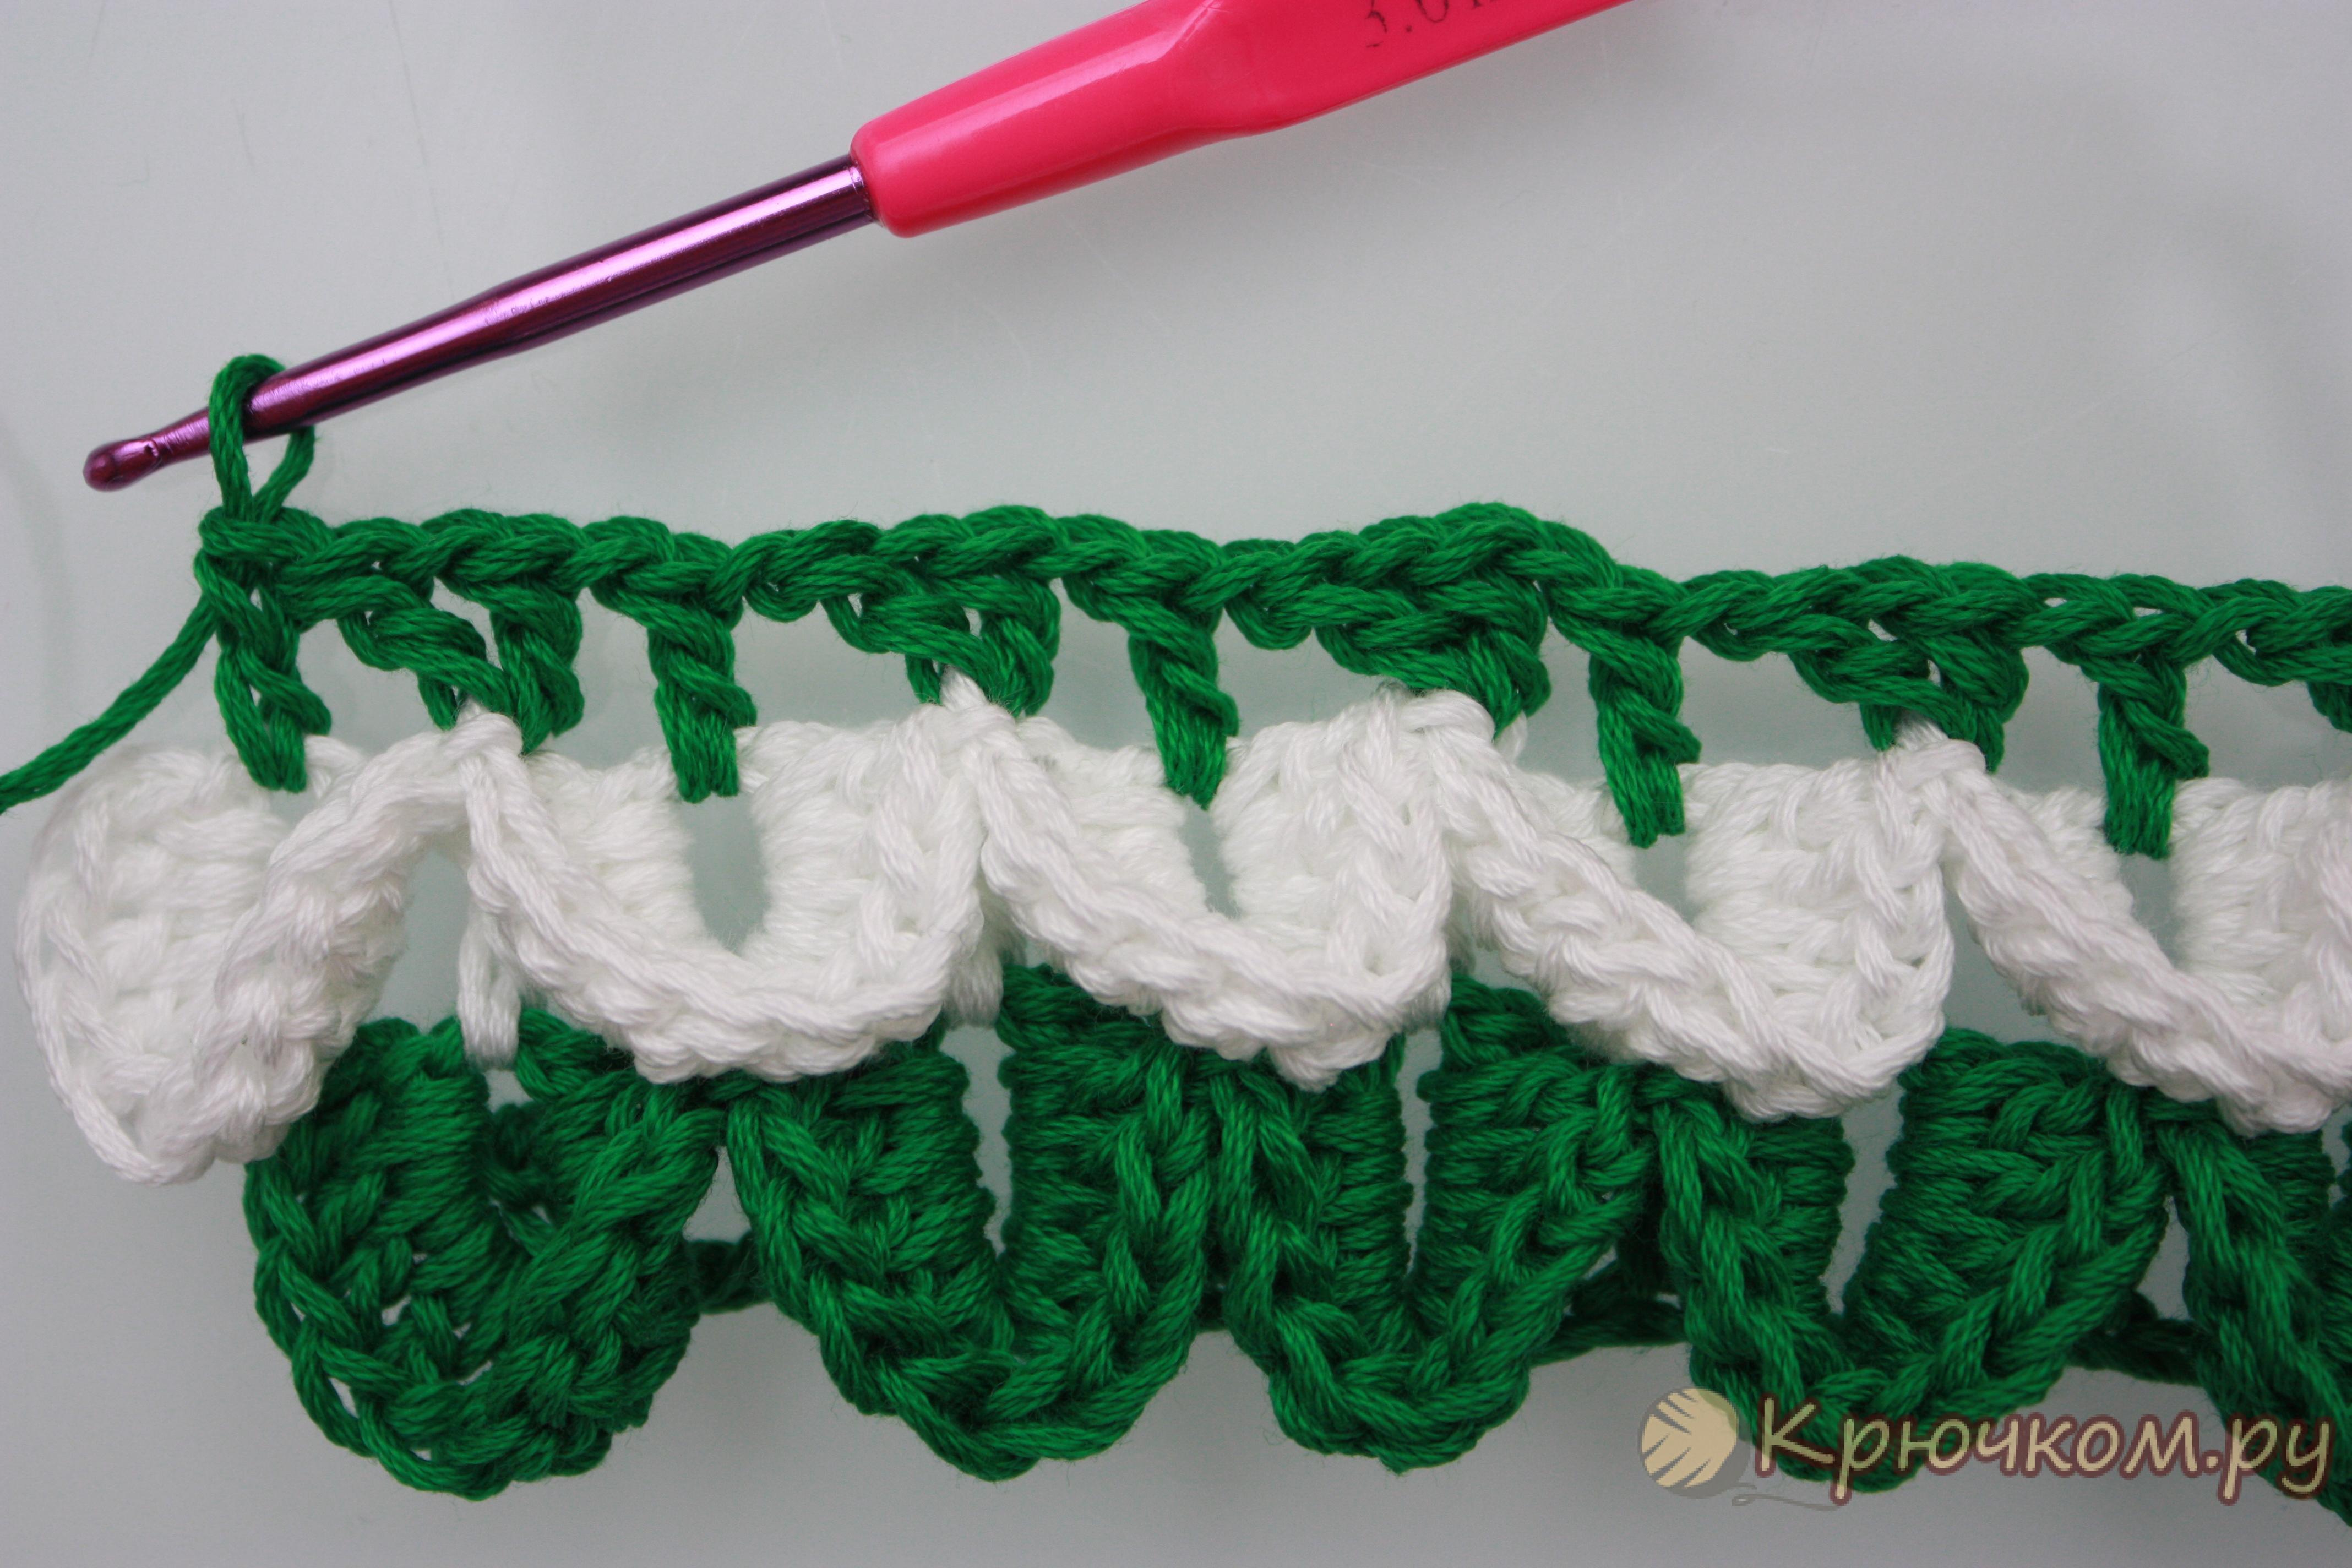 Узоры для вязания крючком чешуйки